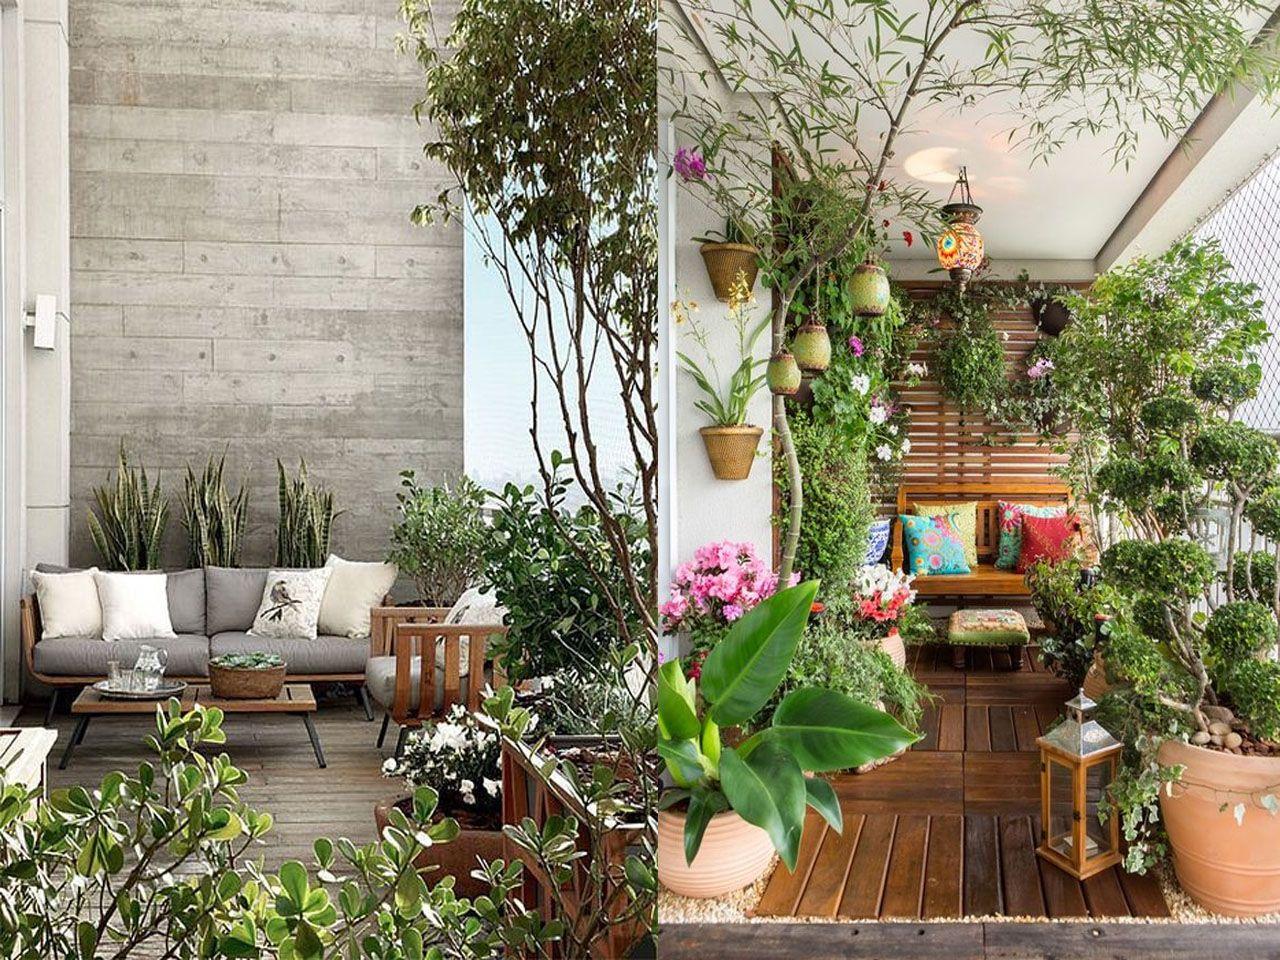 Ideas Para La Decoracion Terrazas O Balcones Que Te Vas A Enamorar Decoracion De Unas Decoracion Terraza Plantas Domesticas Interiores